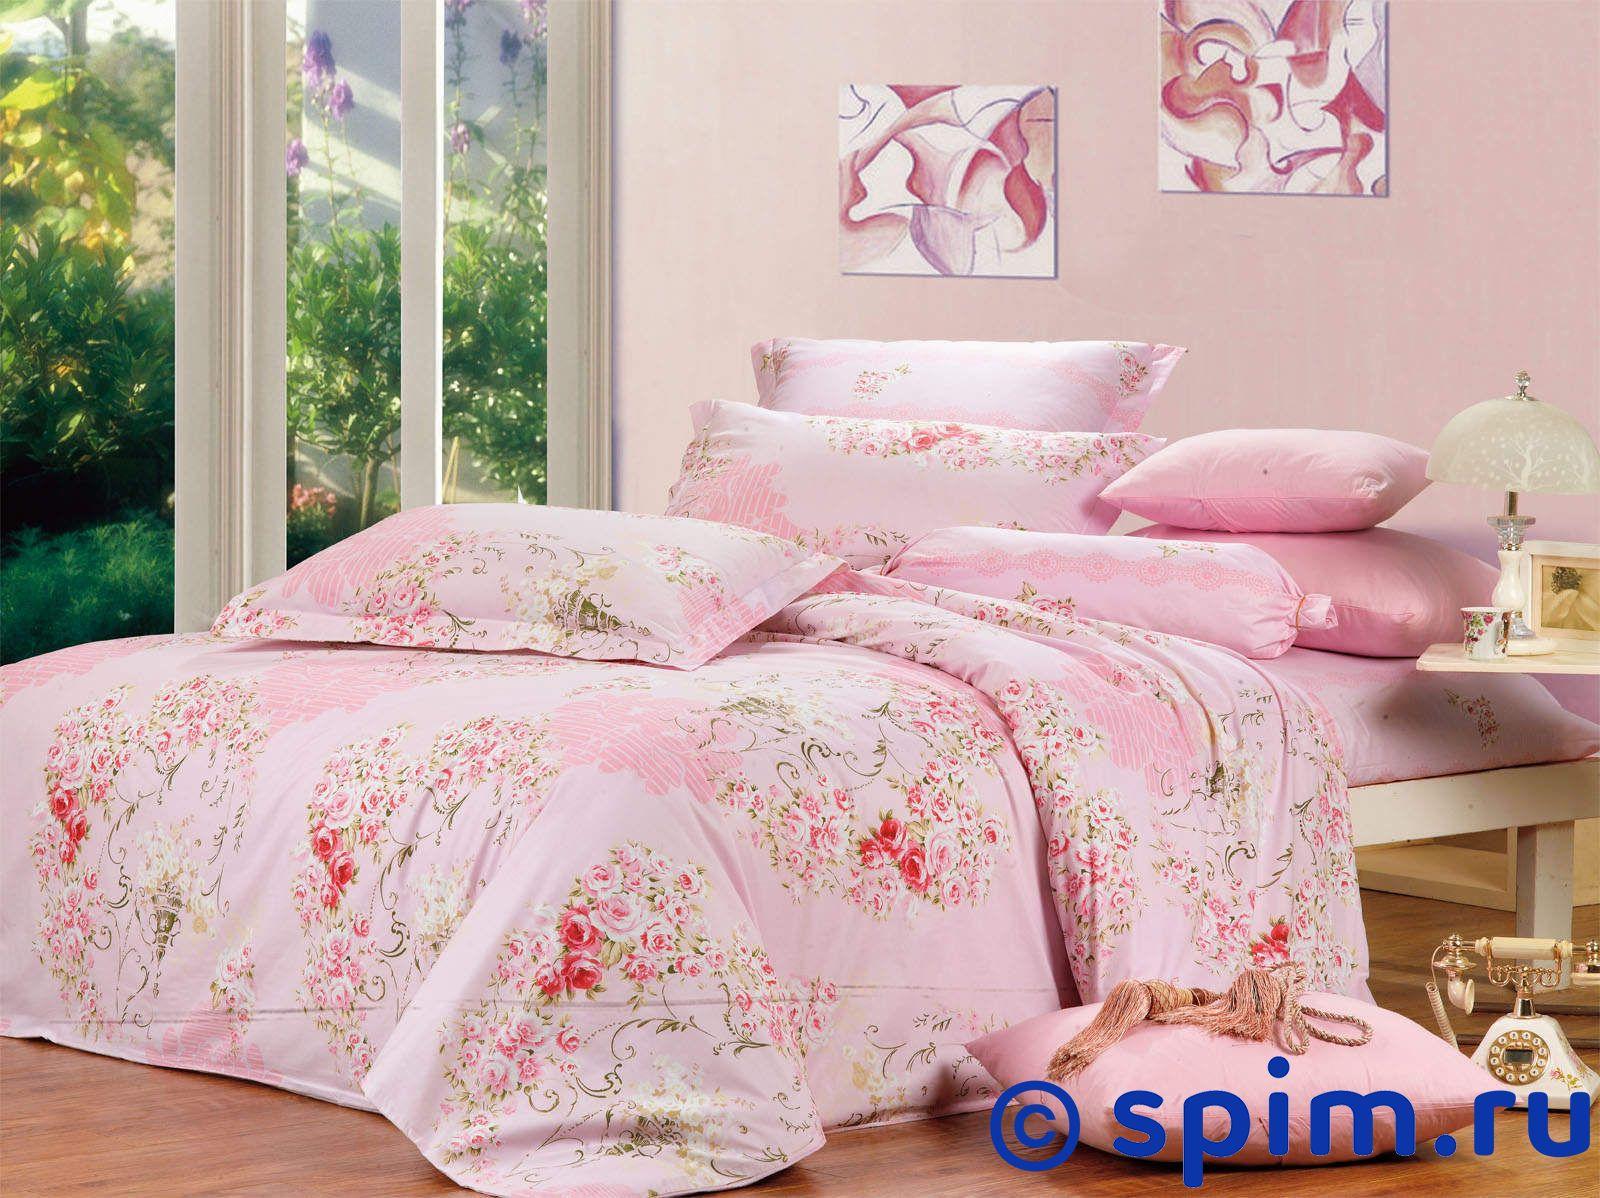 Комплект СайлиД В94 (1) 1.5 спальноеСатиновое постельное белье СайлиД<br>Материал: 100% хлопок (печатный сатин). Плотность, г/м2: 130. Размер Sailid Б: 1.5 спальное<br><br>Размер: 1.5 спальное